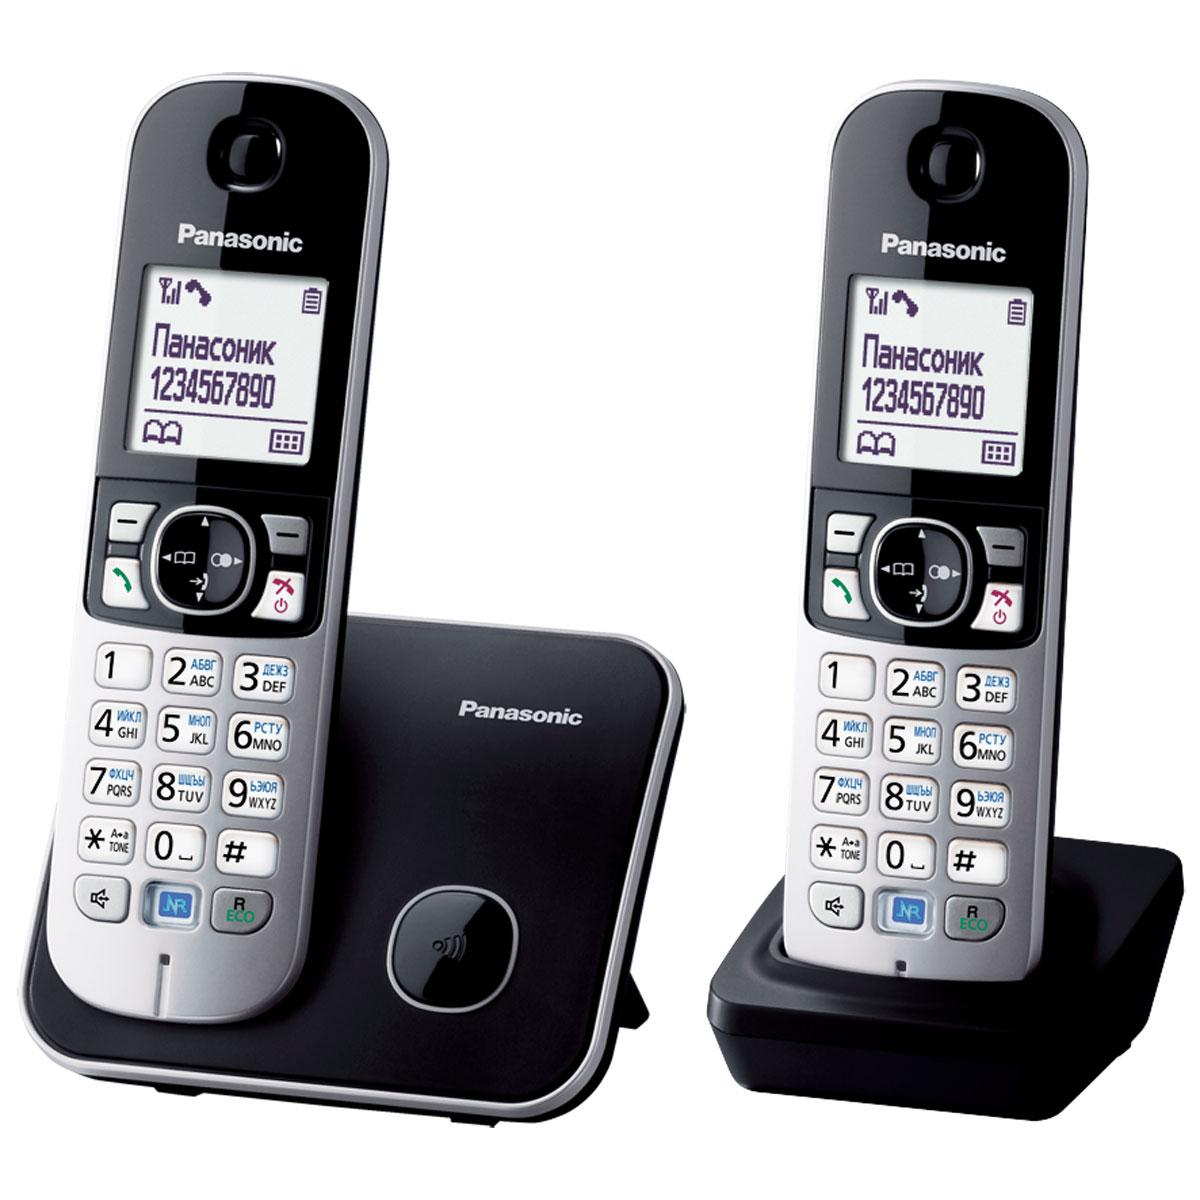 Panasonic KX-TG6812 RUB DECT телефонKX-TG6812RUBDECT телефон Panasonic KX-TG6812RUB. Функция радионяня - вы можете осуществлять акустический контроль помещения, например, детской из других комнат в доме - одна трубка устанавливается рядом с ребенком, а вторая - у родителей. Функция резервного питания - в случае отключения электричества телефон может работать (на базе) от аккумулятора трубки. Panasonic KX-TG6812RUB имеет в комплекте дополнительную трубку. Блокировка клавиатуры Русифицированное меню Часы, дата на дисплее Будильник с повторным сигналом и установкой по дням недели Повторный набор